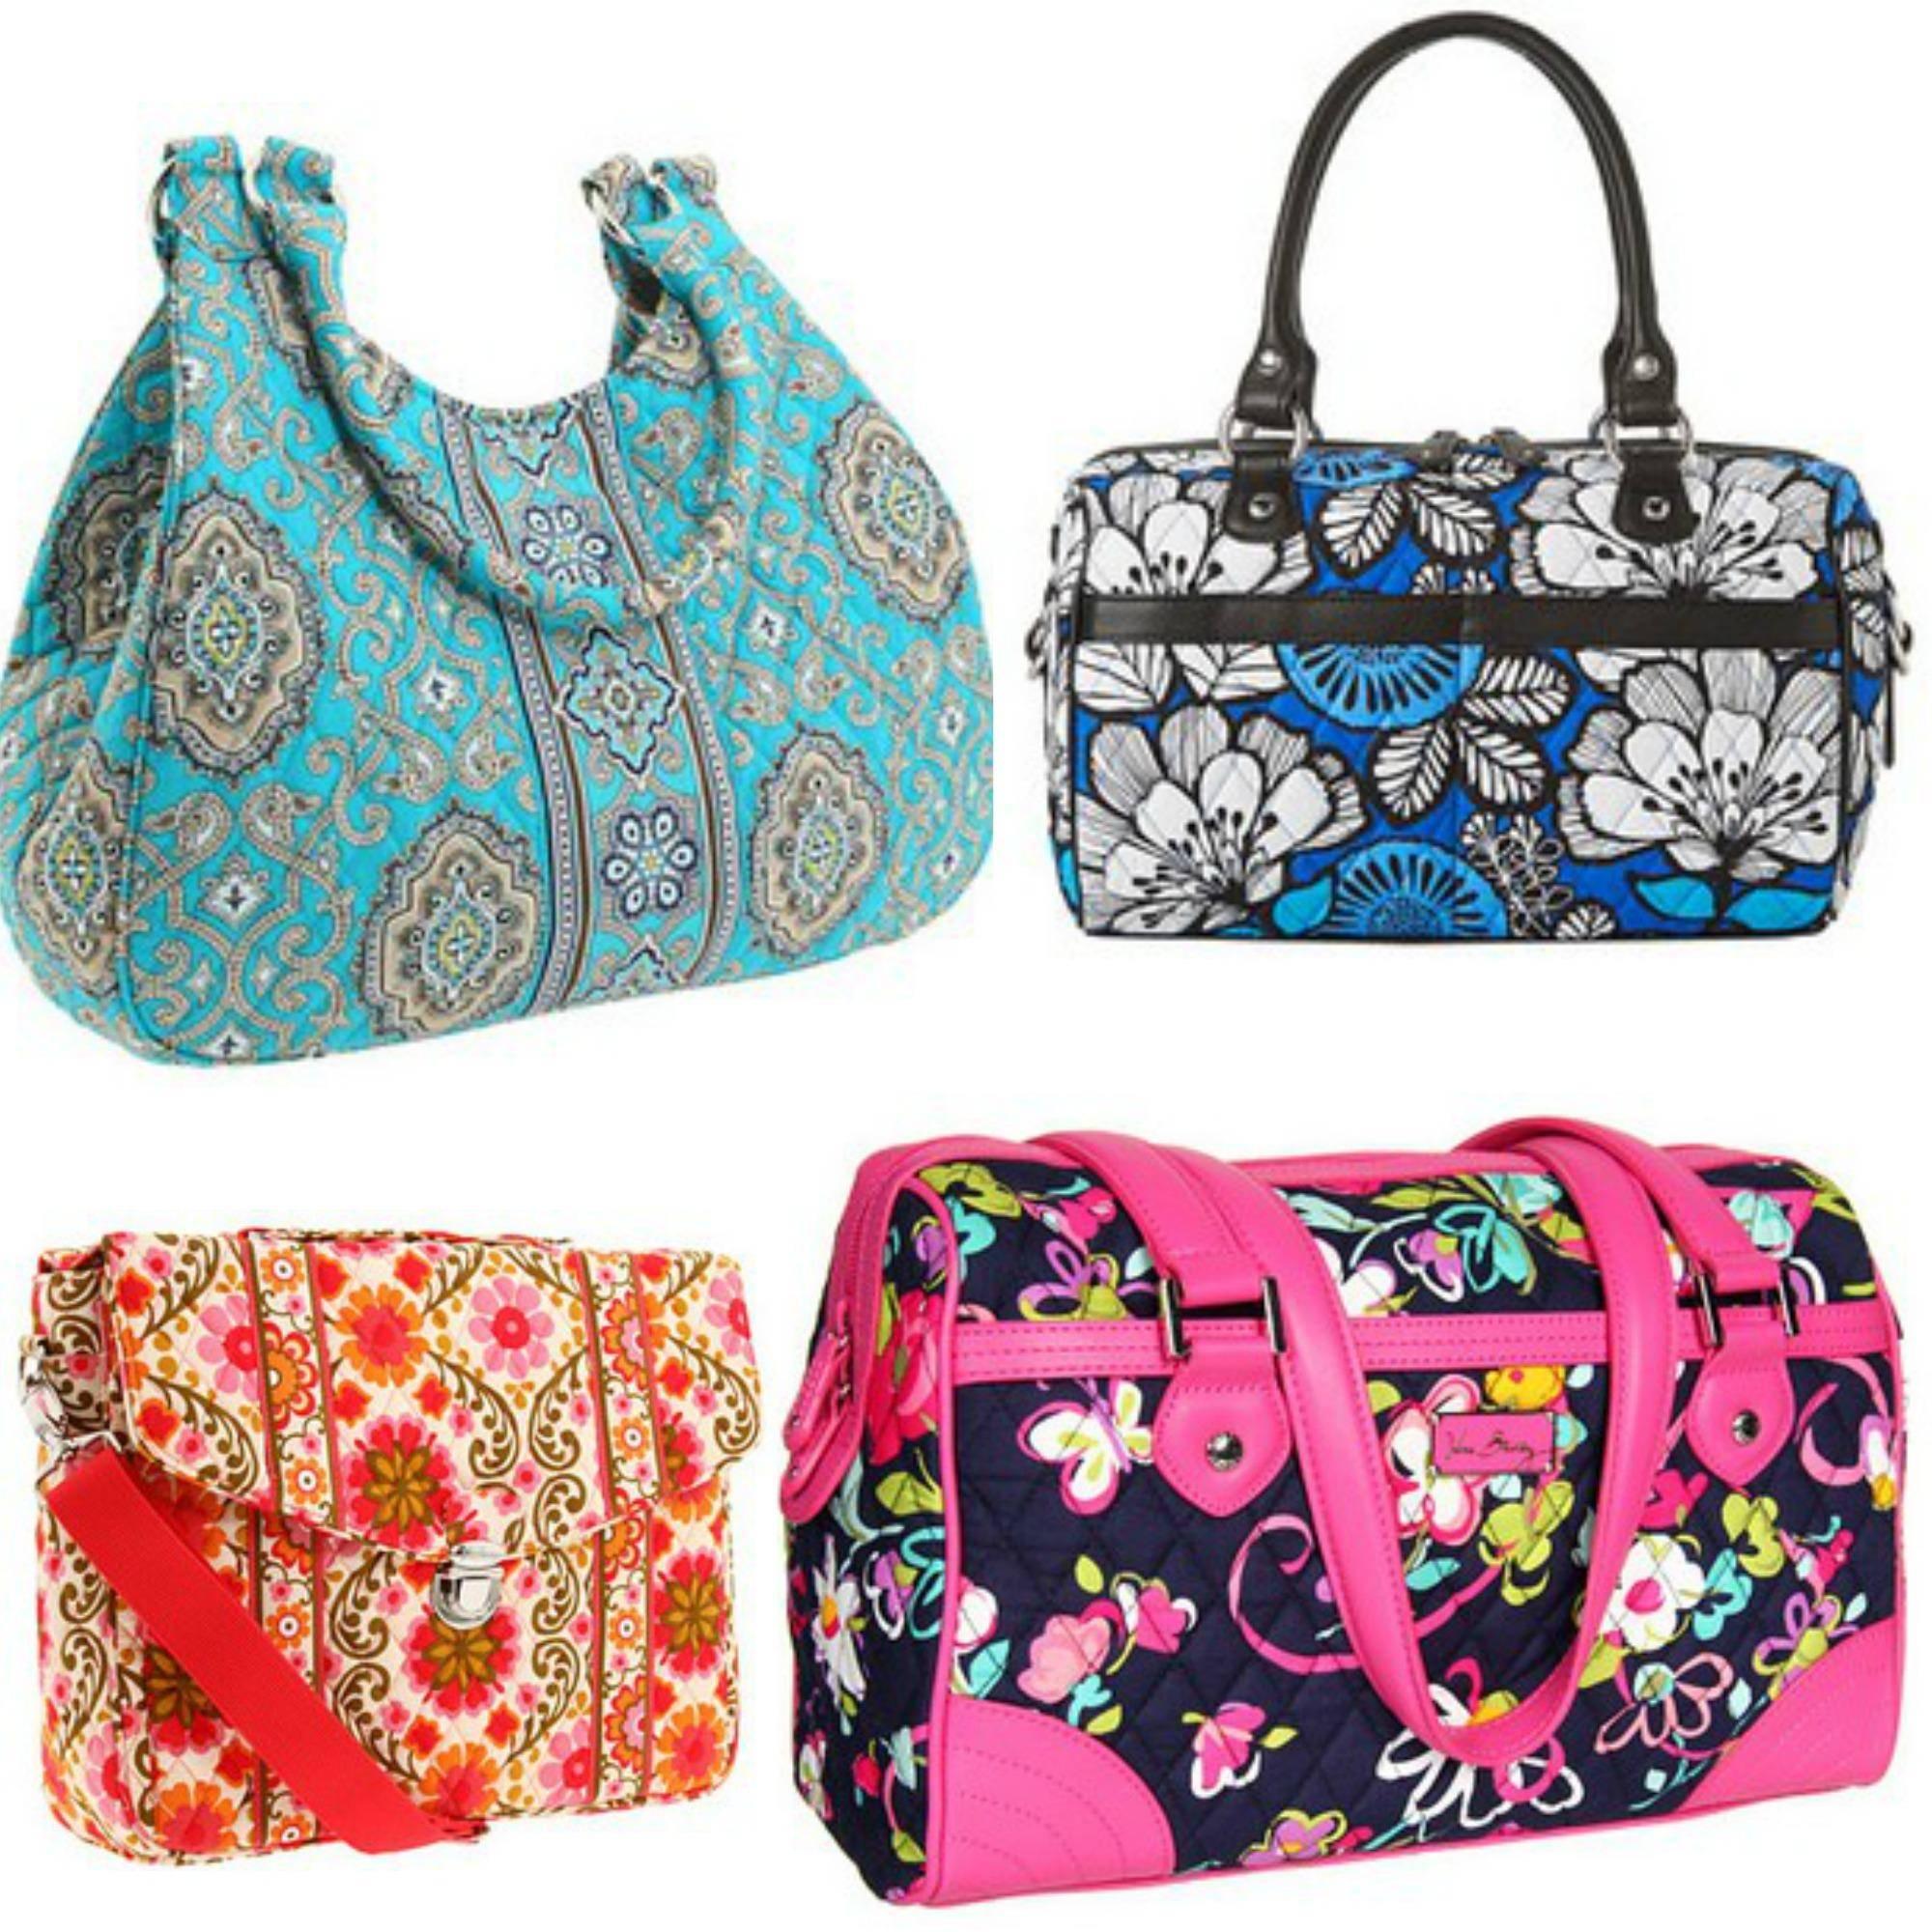 Vera Bradley Bags Sale As Low As 14 99